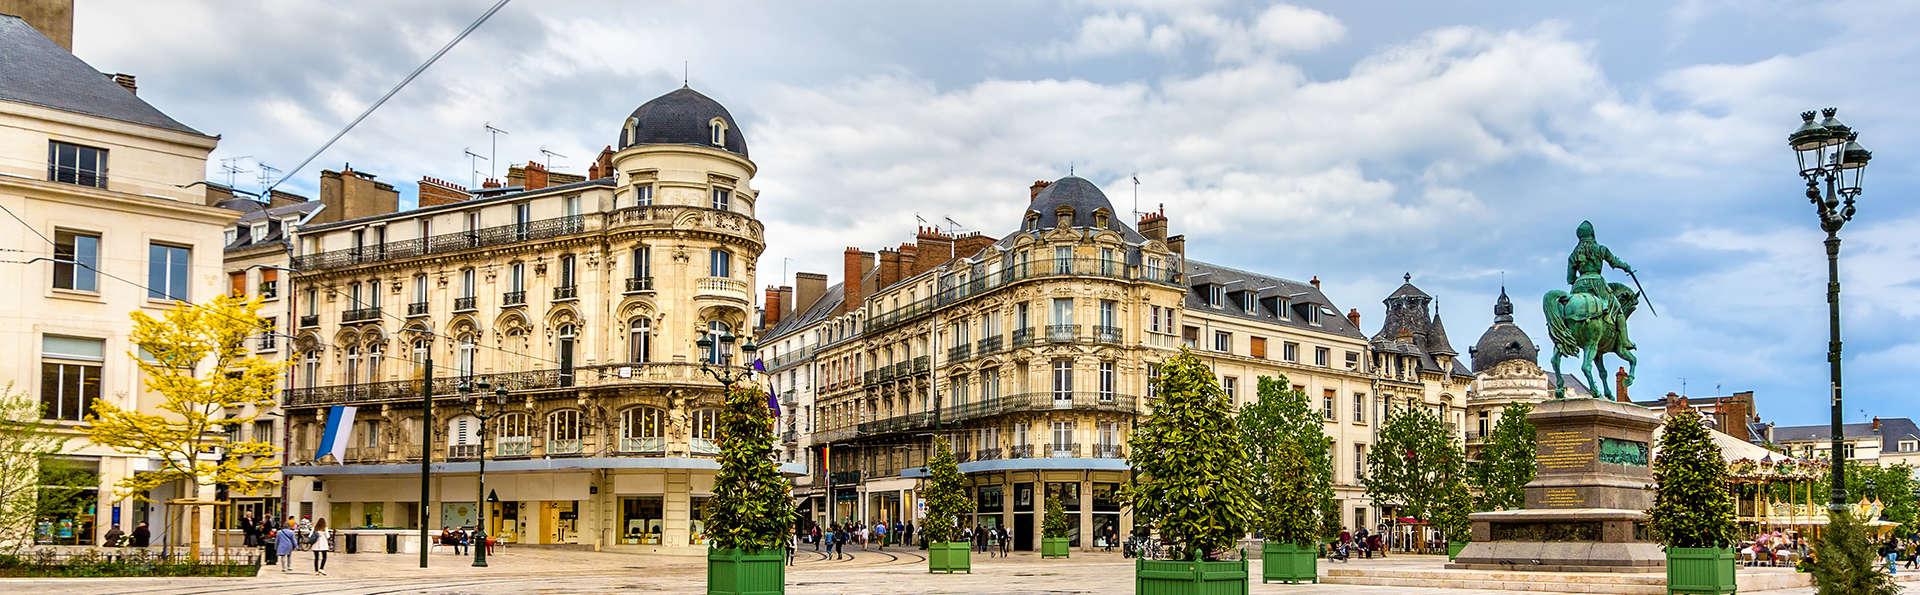 Échappée belle au cœur d'Orléans